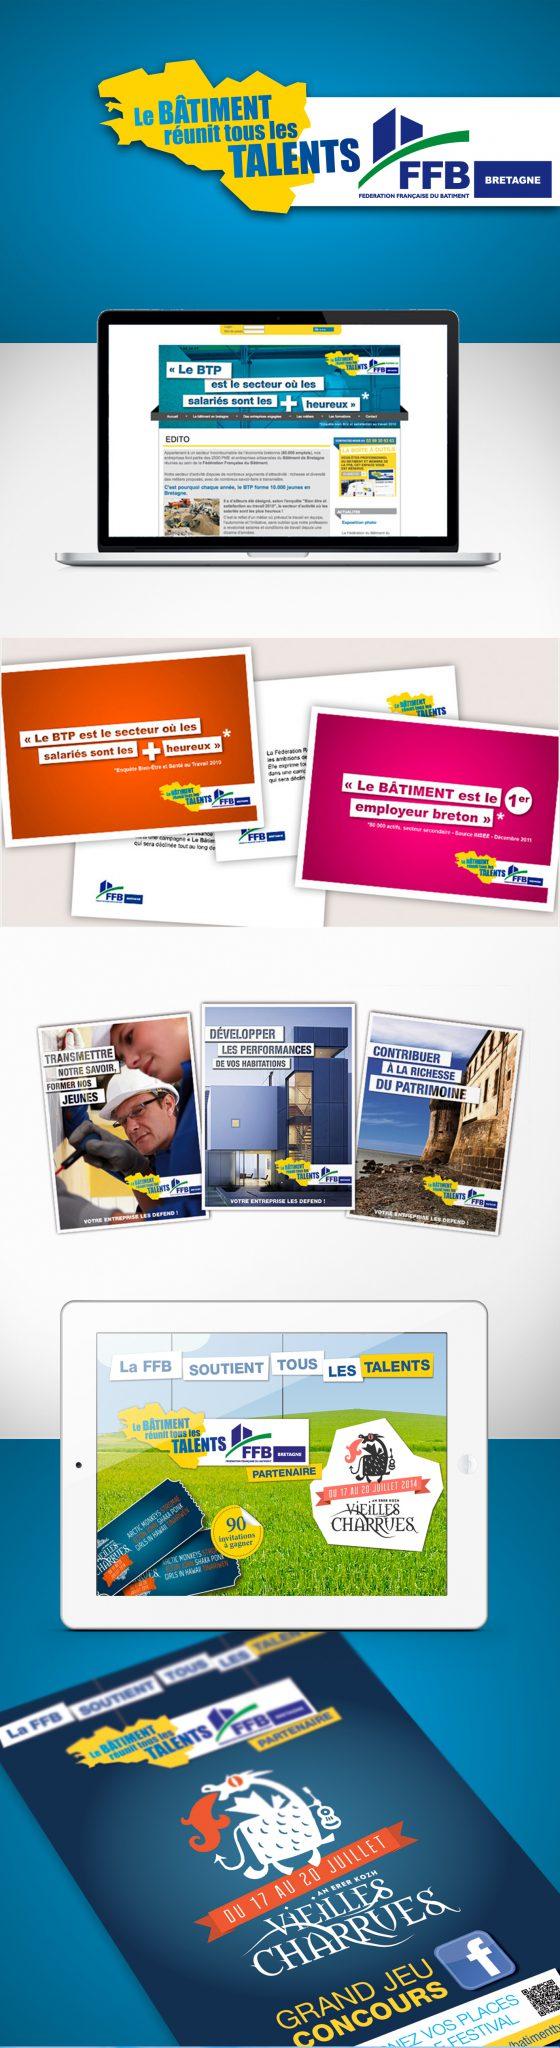 FFB-campagne-spot-publicitaire-communication-bretagne-lorient